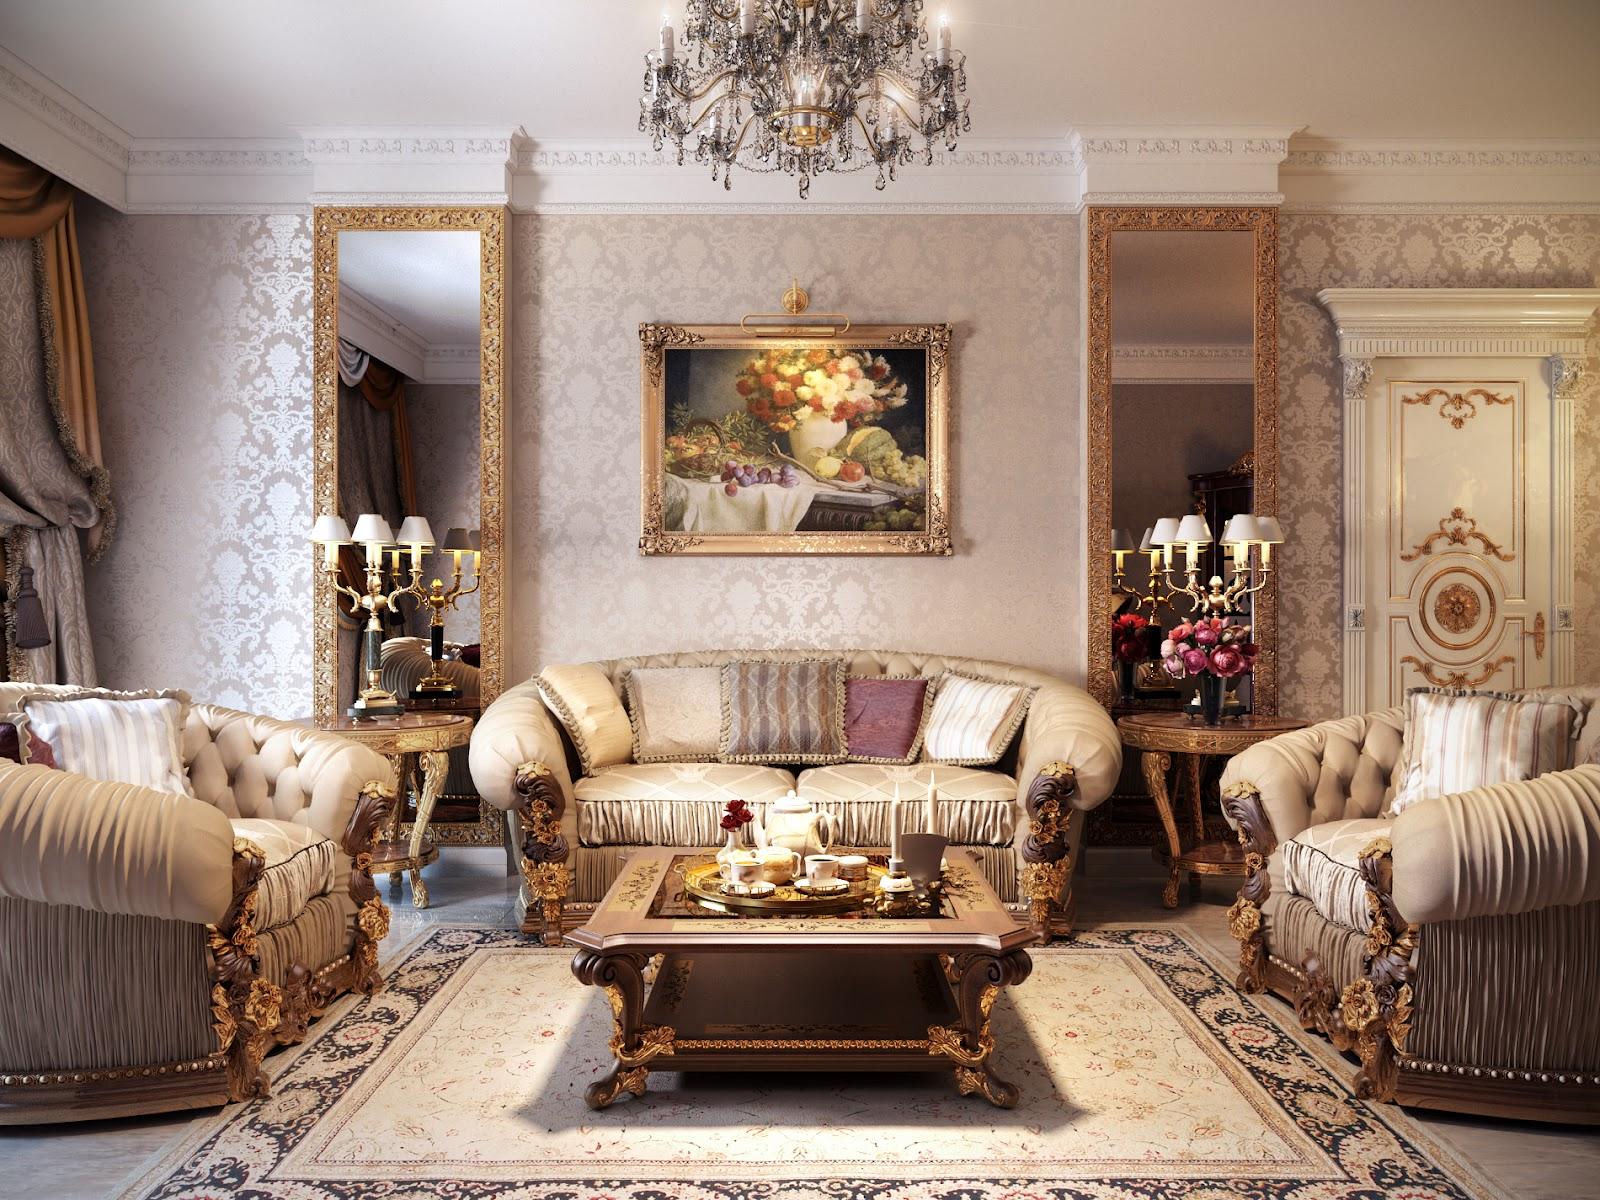 ruang+tamu+klasik+modern Desain Rumah Modern Dari Karya Brilian Arsitektur Uglyanitsa Alexander